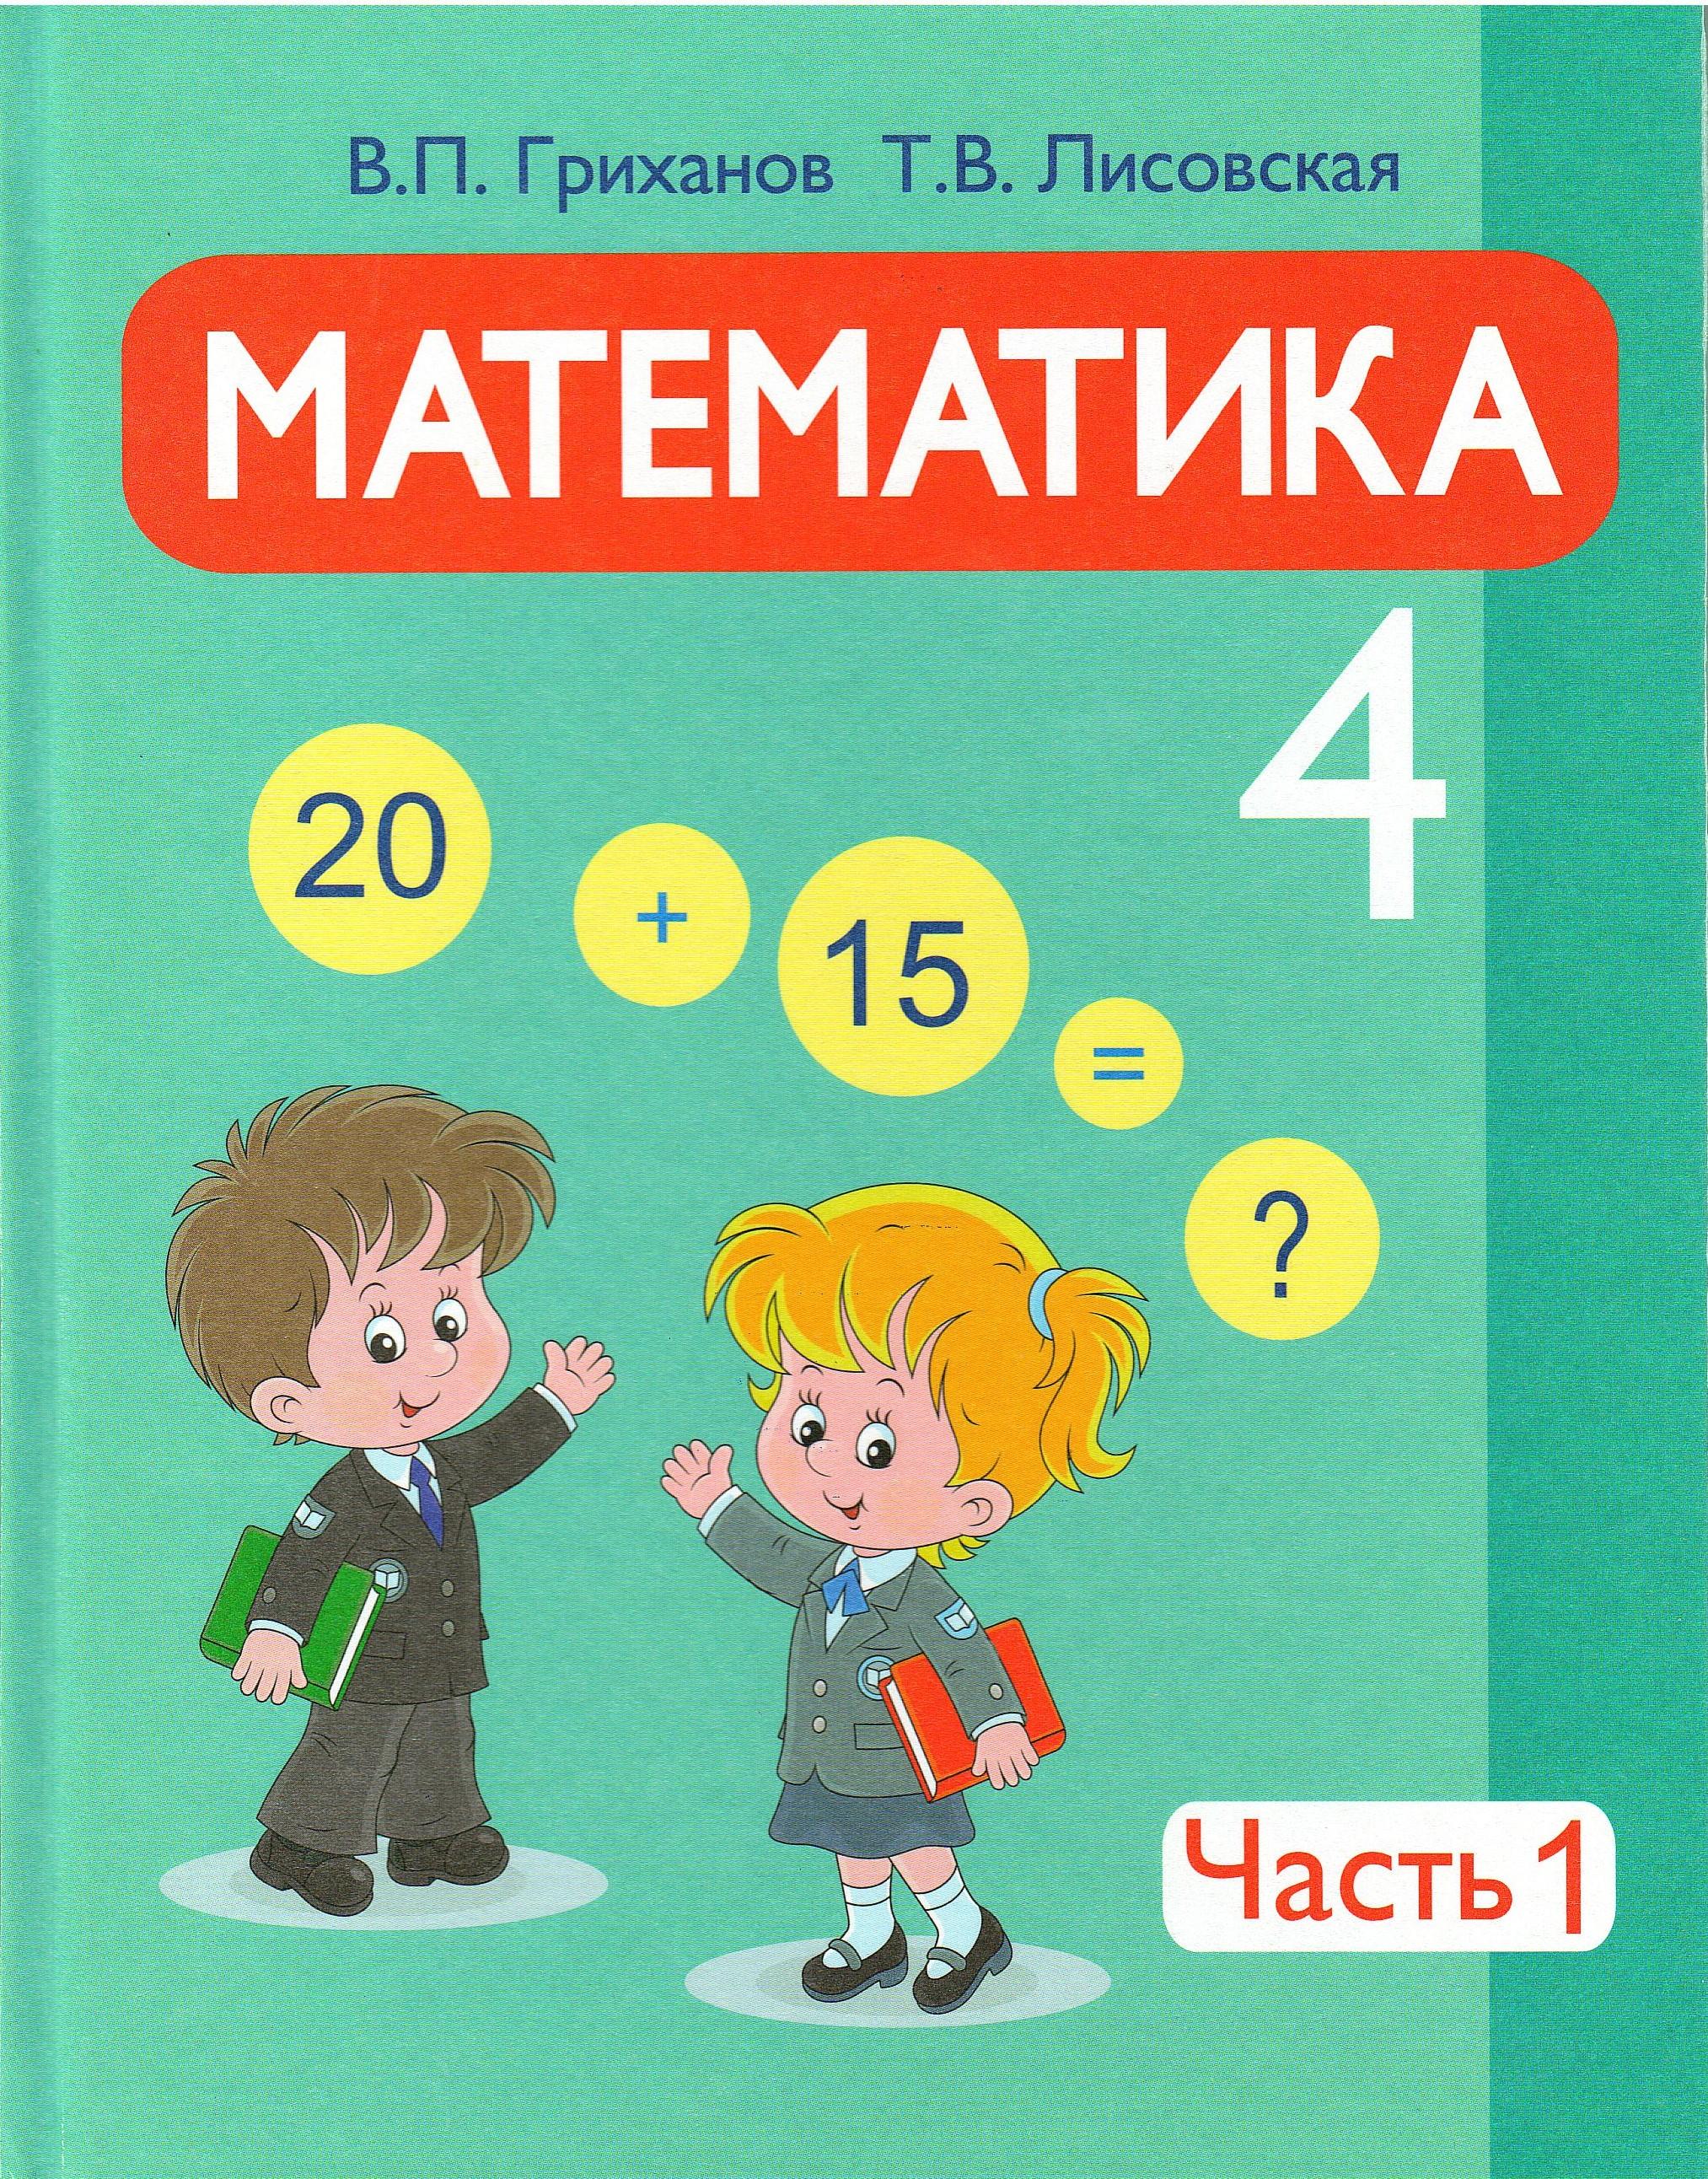 Математика, 4 класс. Часть 1